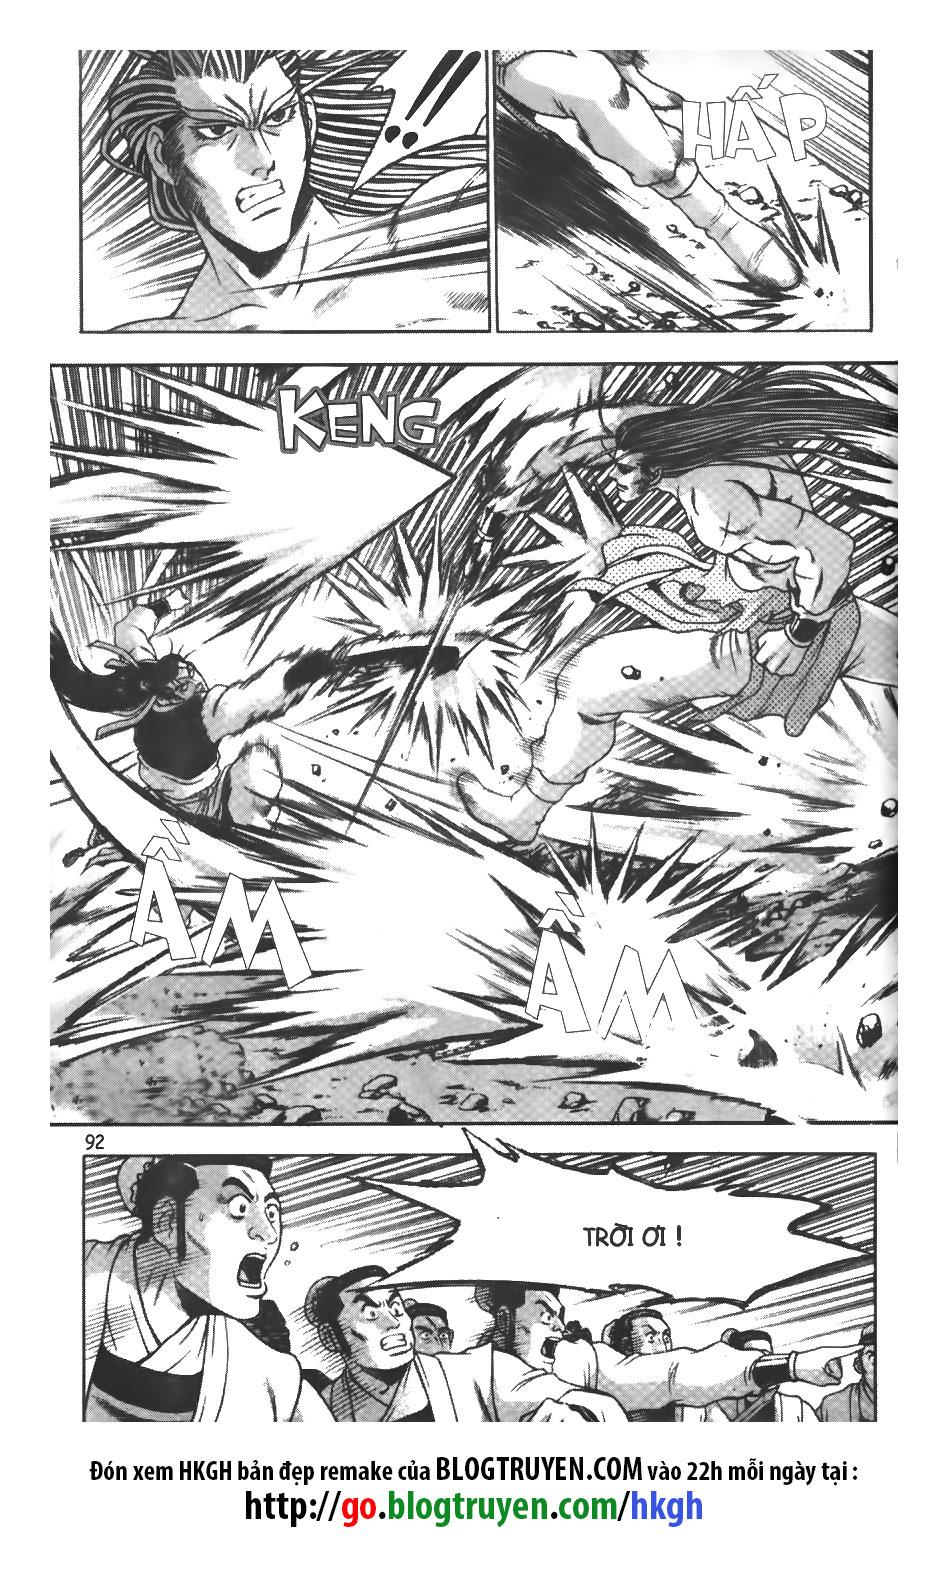 xem truyen moi - Hiệp Khách Giang Hồ Vol31 - Chap 211 - Remake